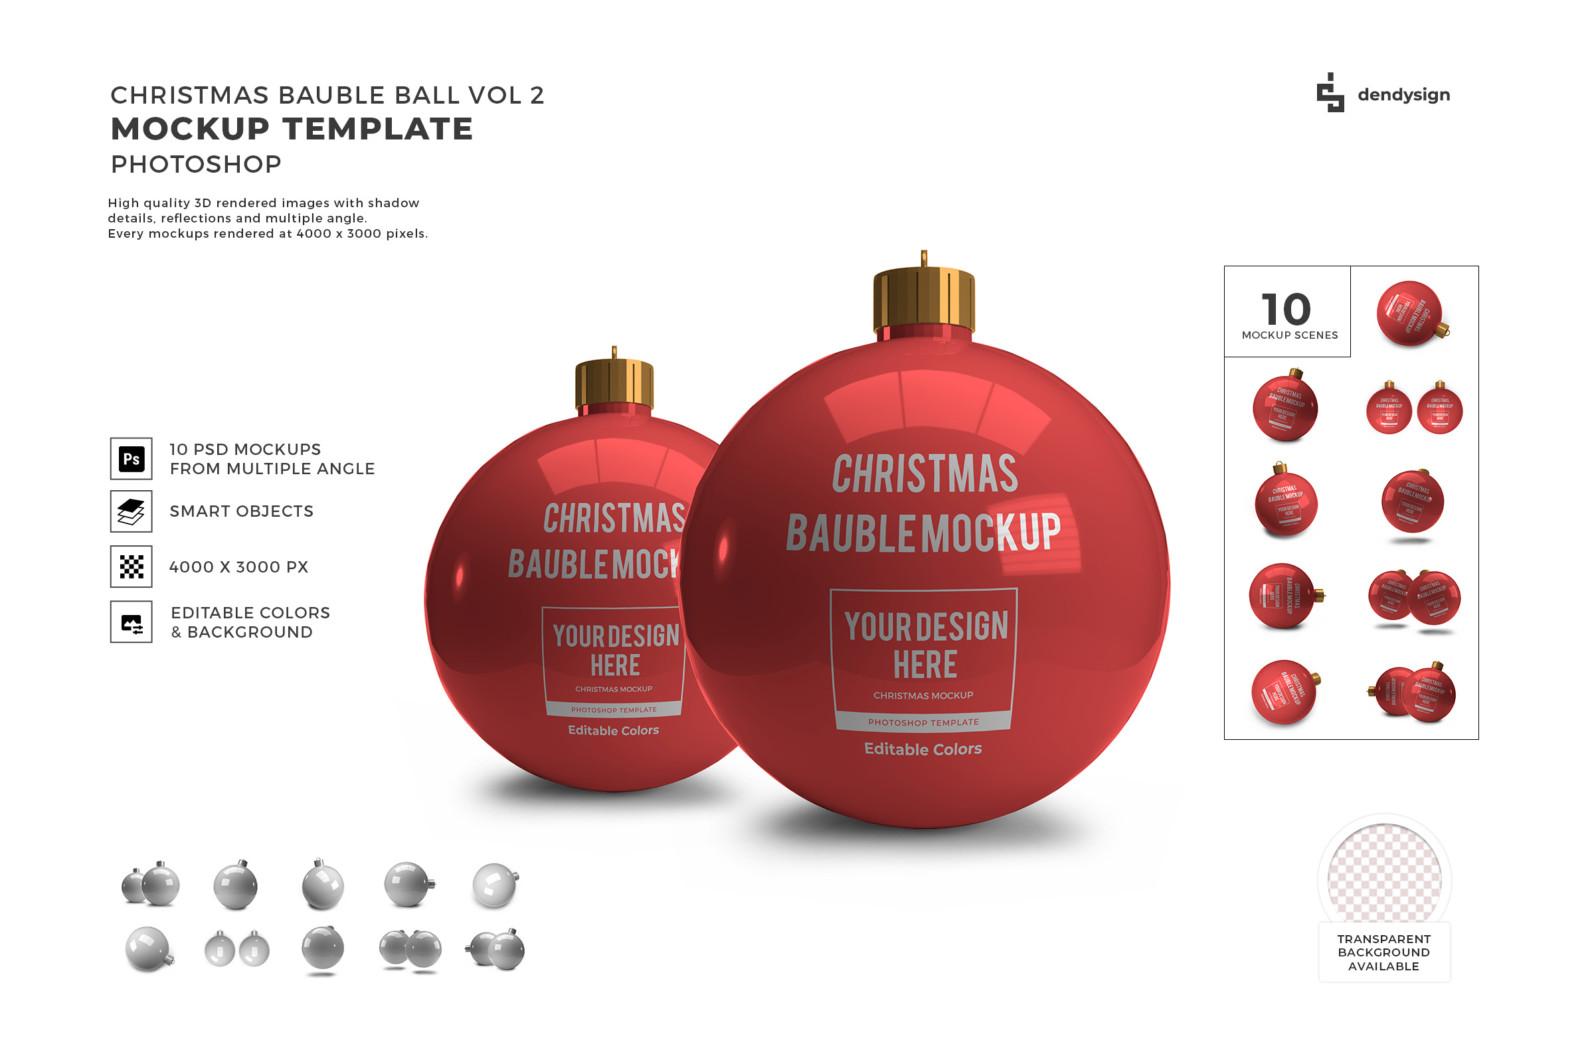 Christmas Bauble Ball Mockup Bundle 2 - Preview32 6 -